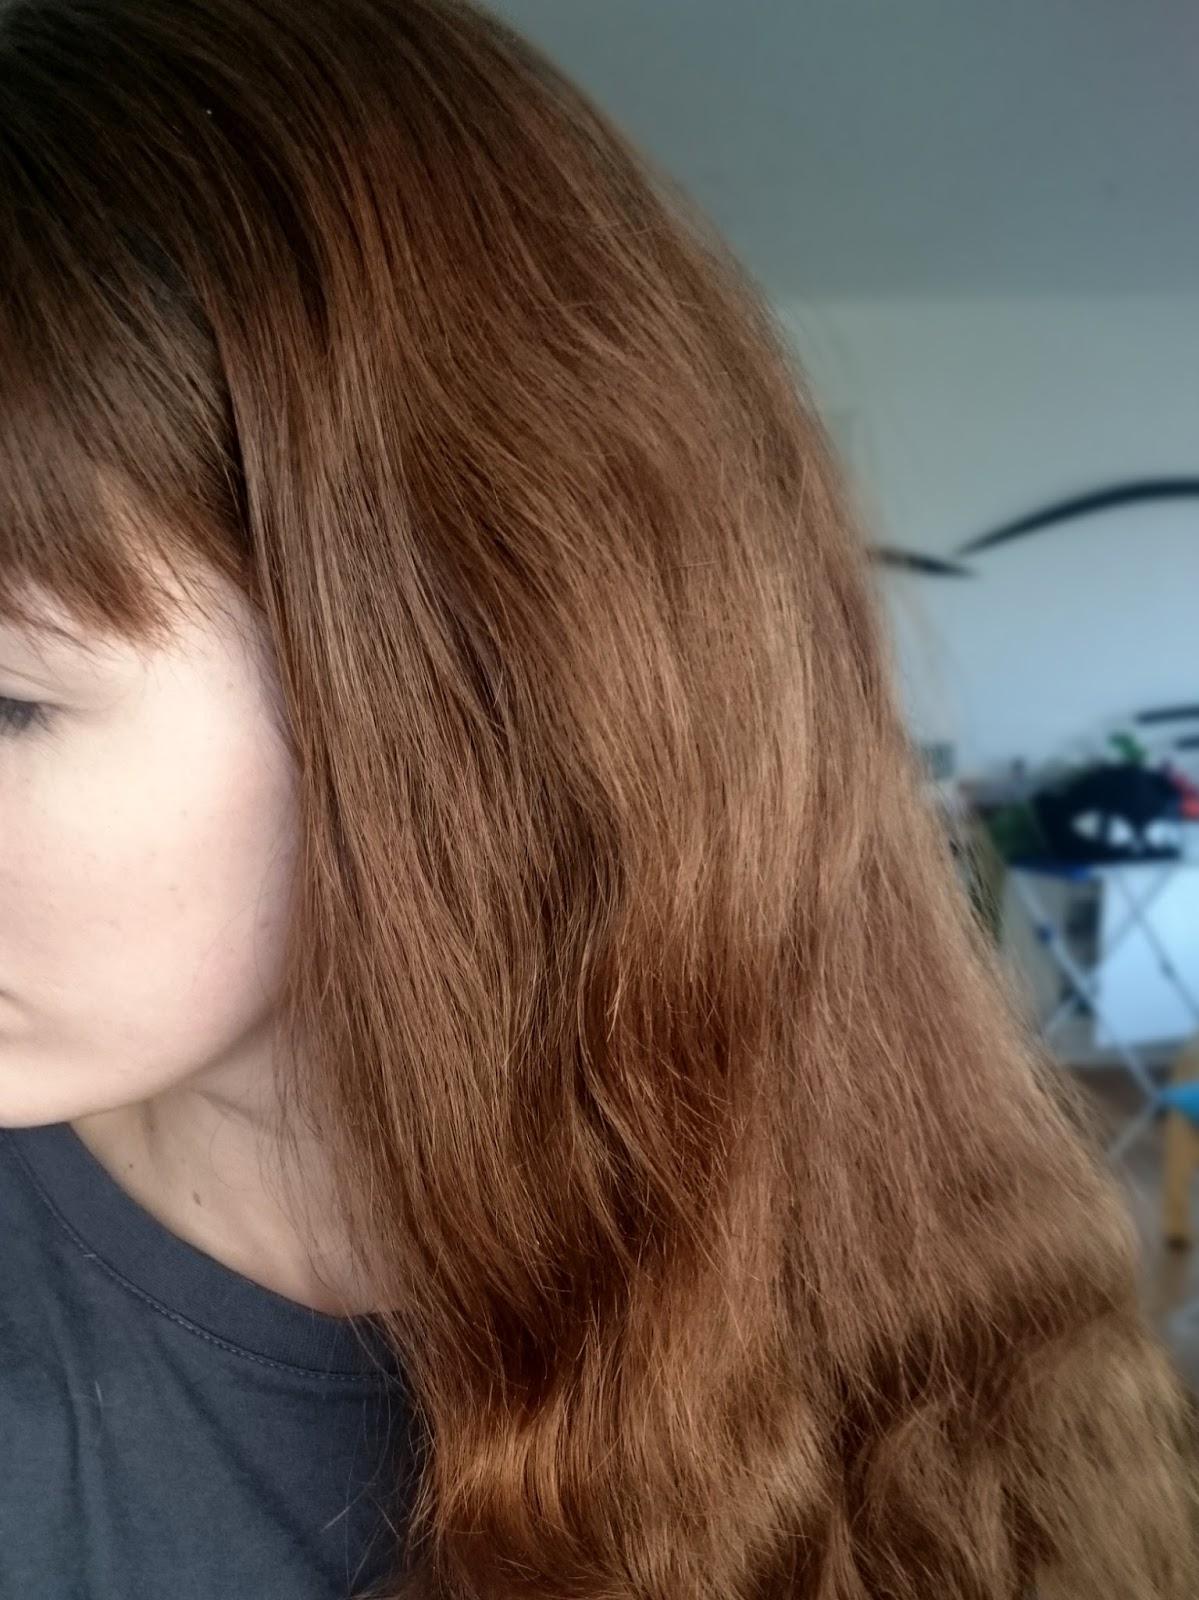 Neue Haarfarbe Die Sabrina